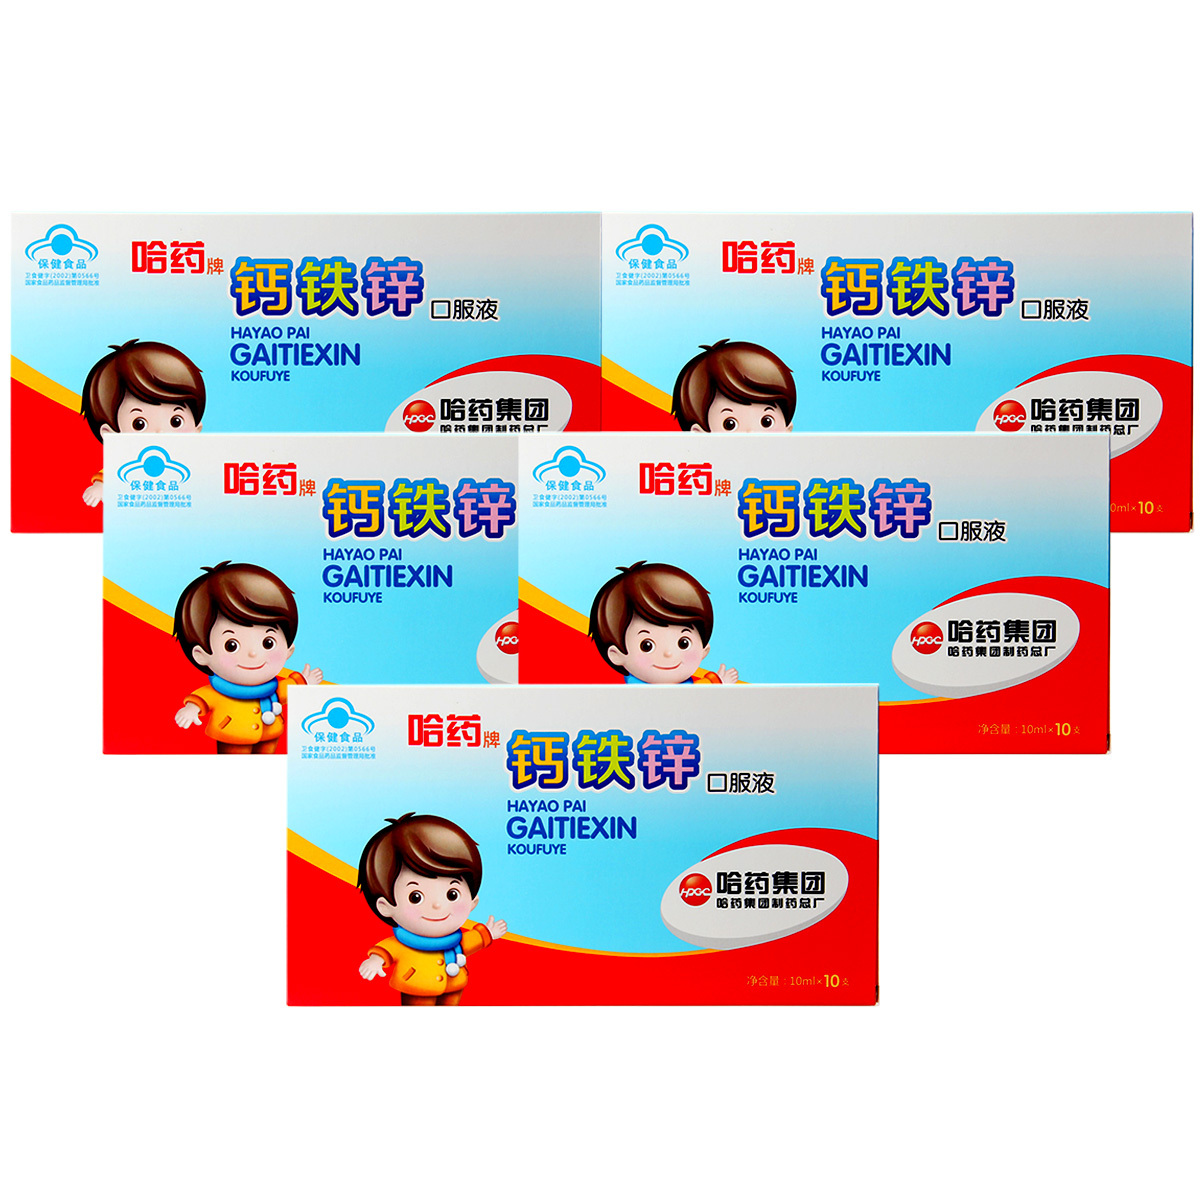 18 юаней】Харбин медицина бренда кальция железа цинка оральная жидкость 10 мл / поддержка * 10 * 5 коробка пакет младенца три штрафа синий бутылка